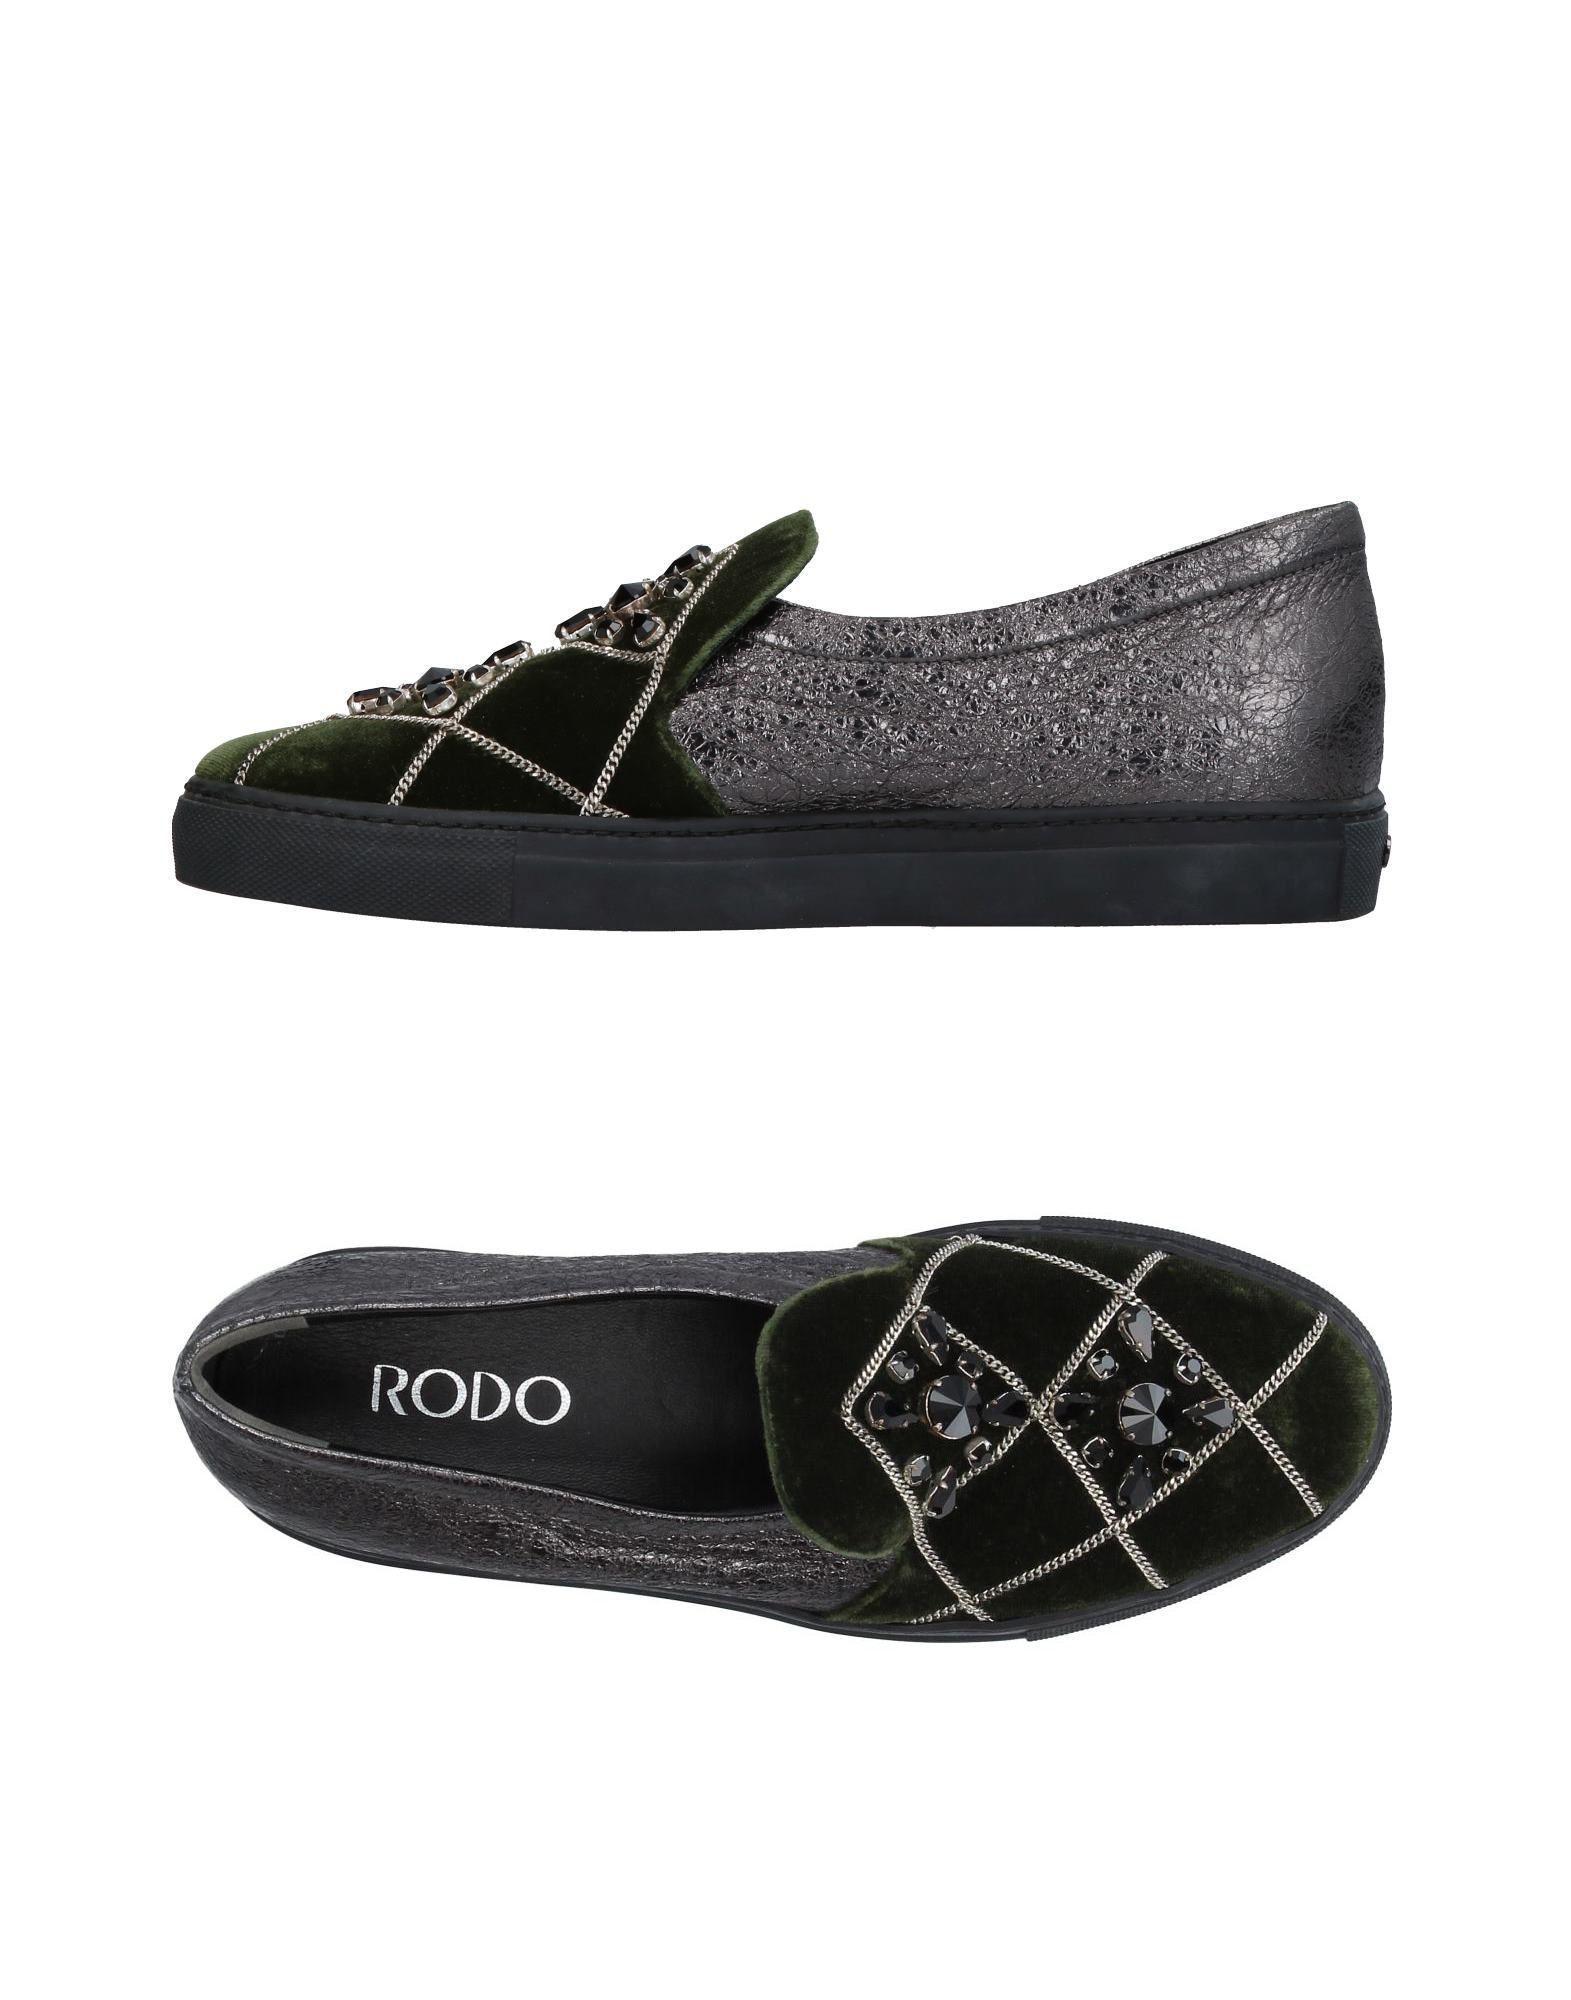 FOOTWEAR - Low-tops & sneakers Rodo lZMgLhg